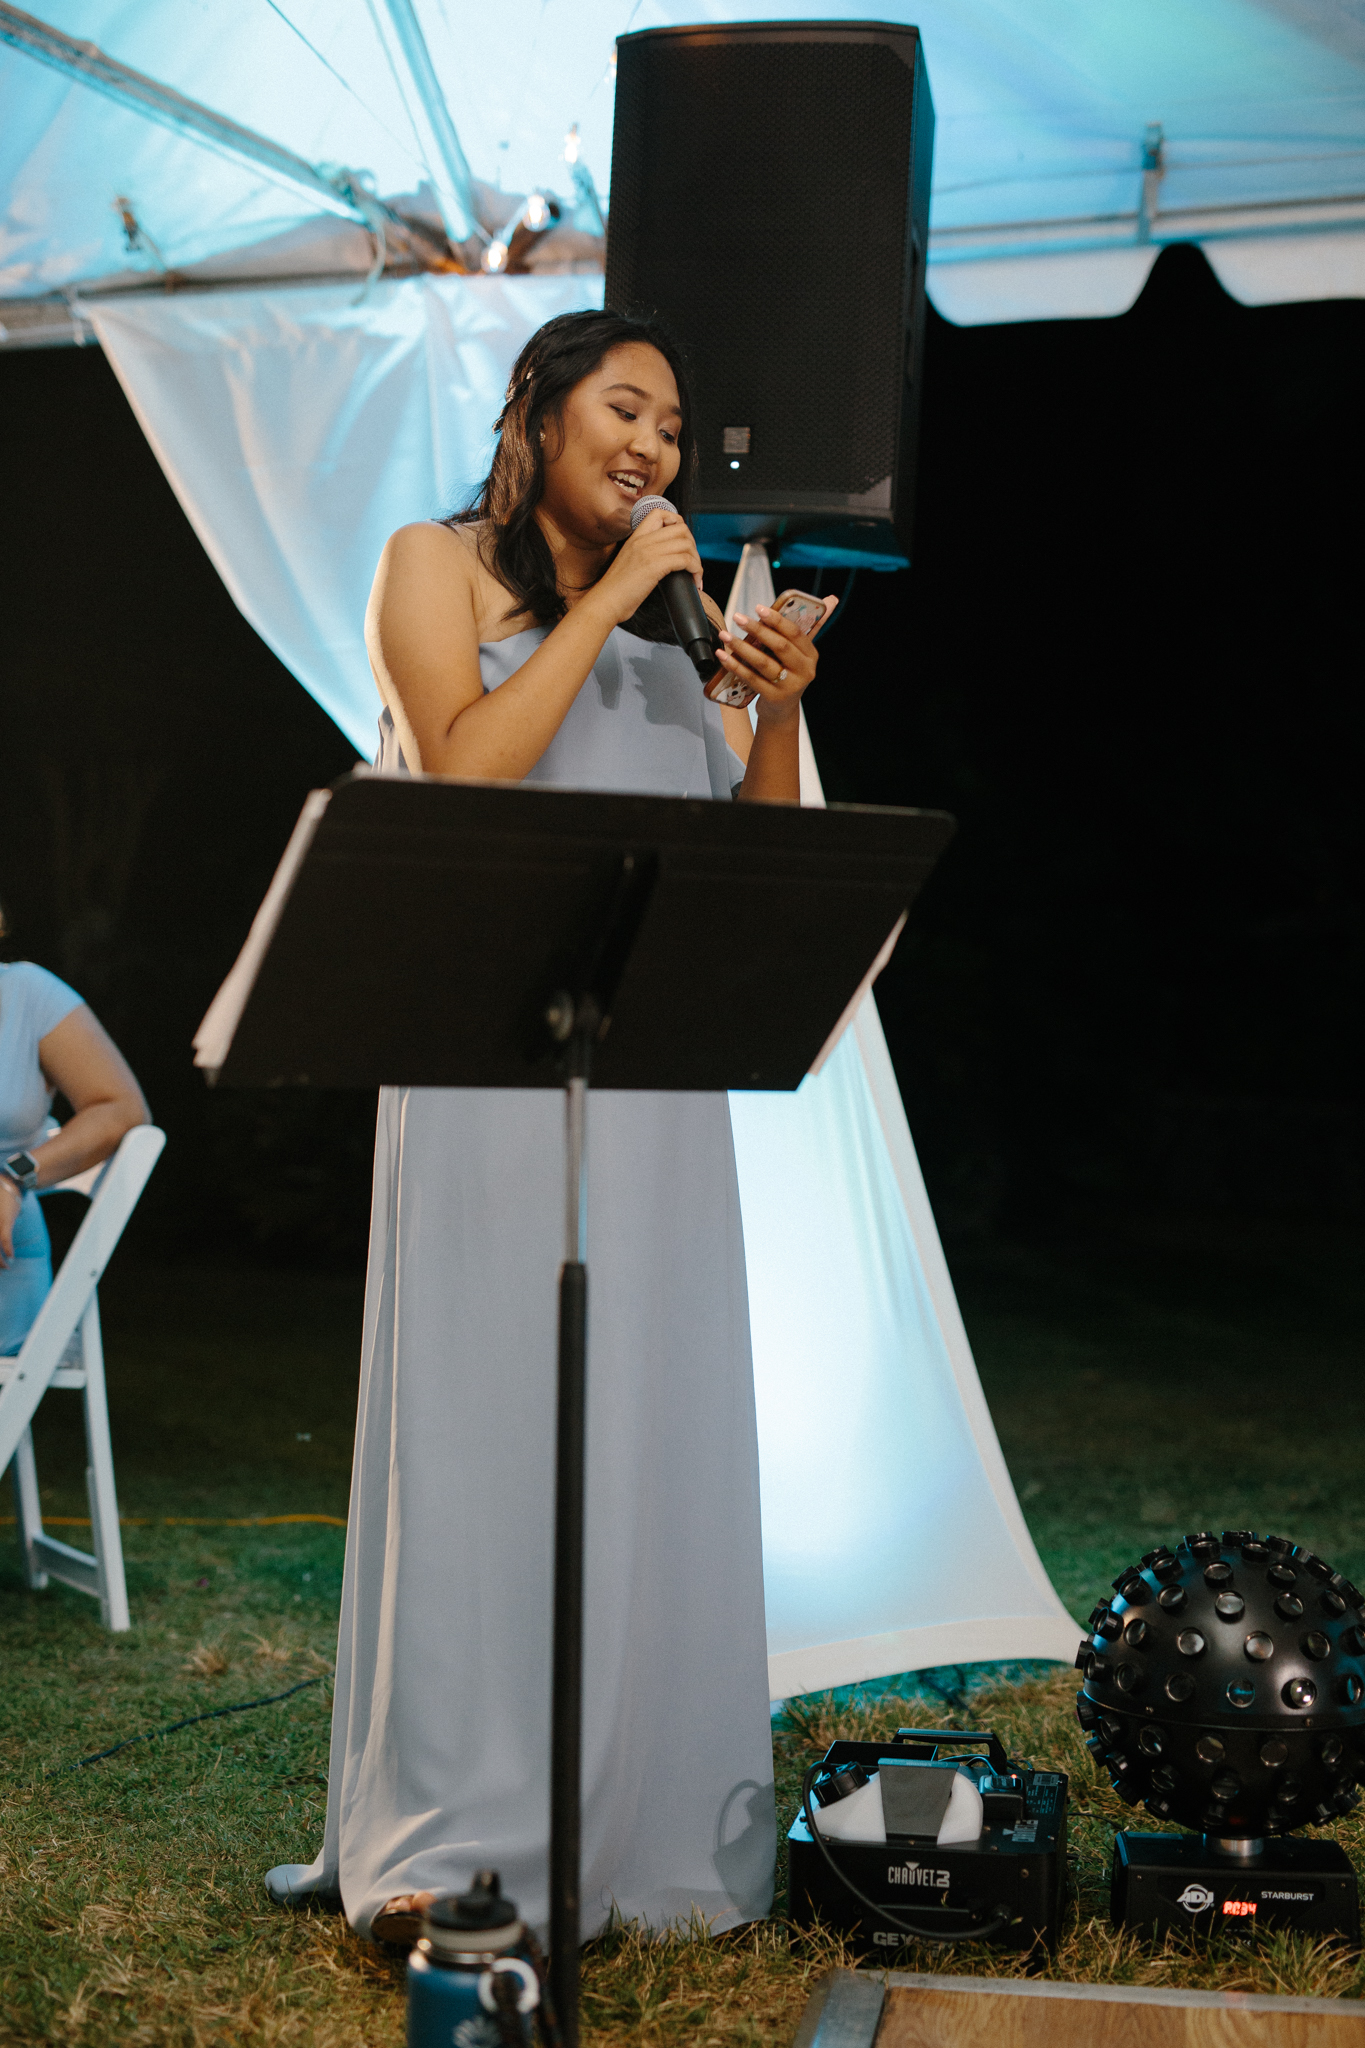 kualoa_ranch_wedding_photography_tone_hawaii-87.jpg